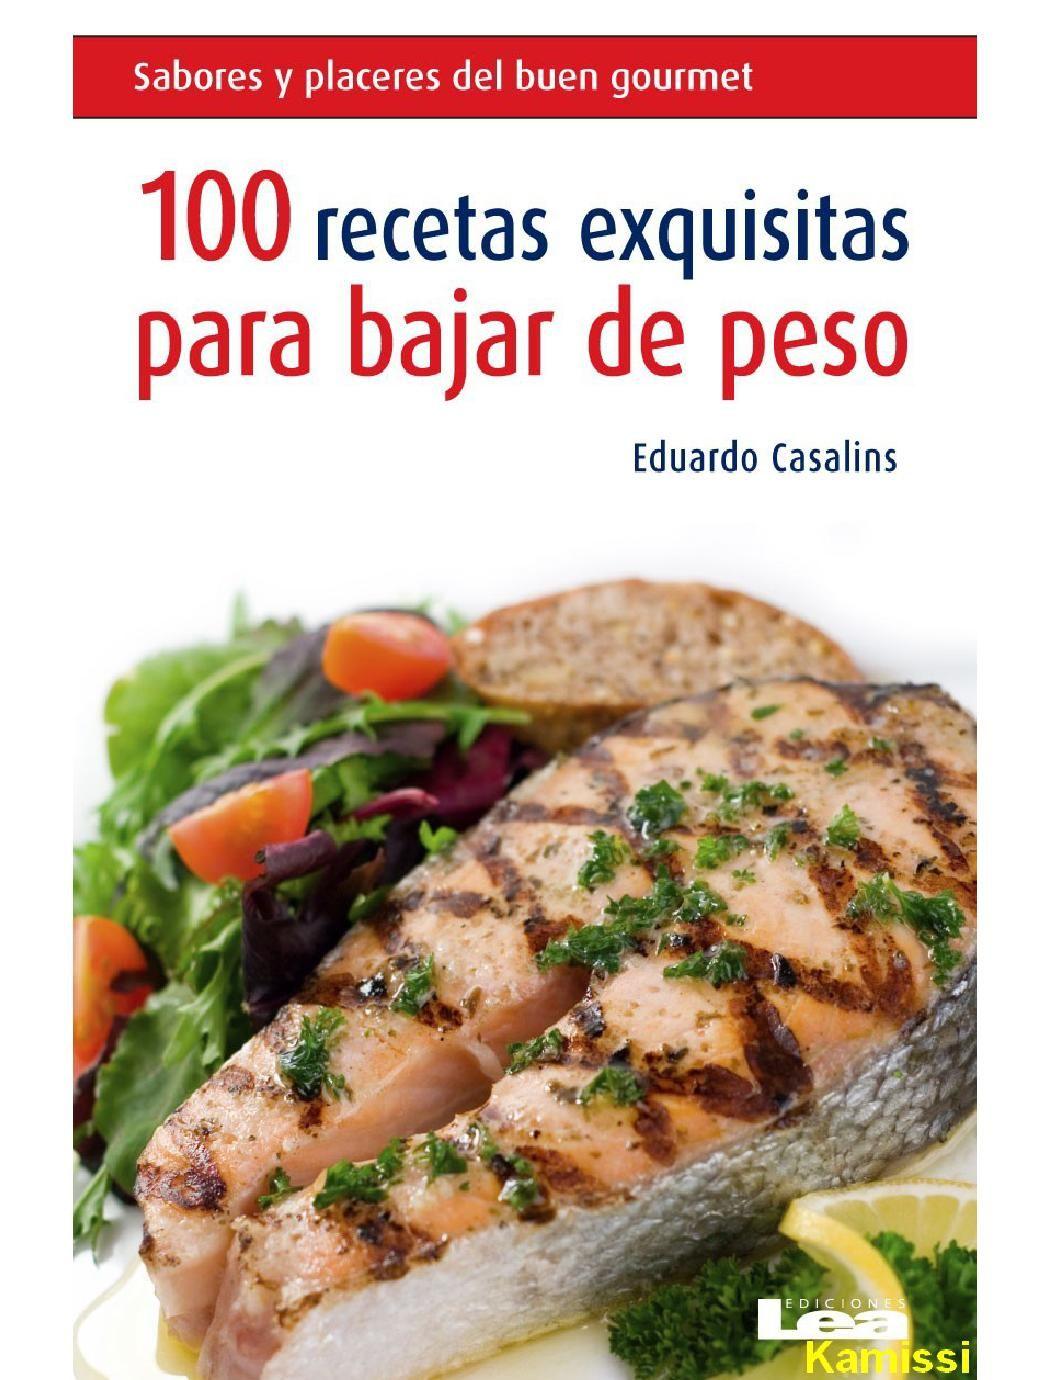 recetas comidas saludables pdf